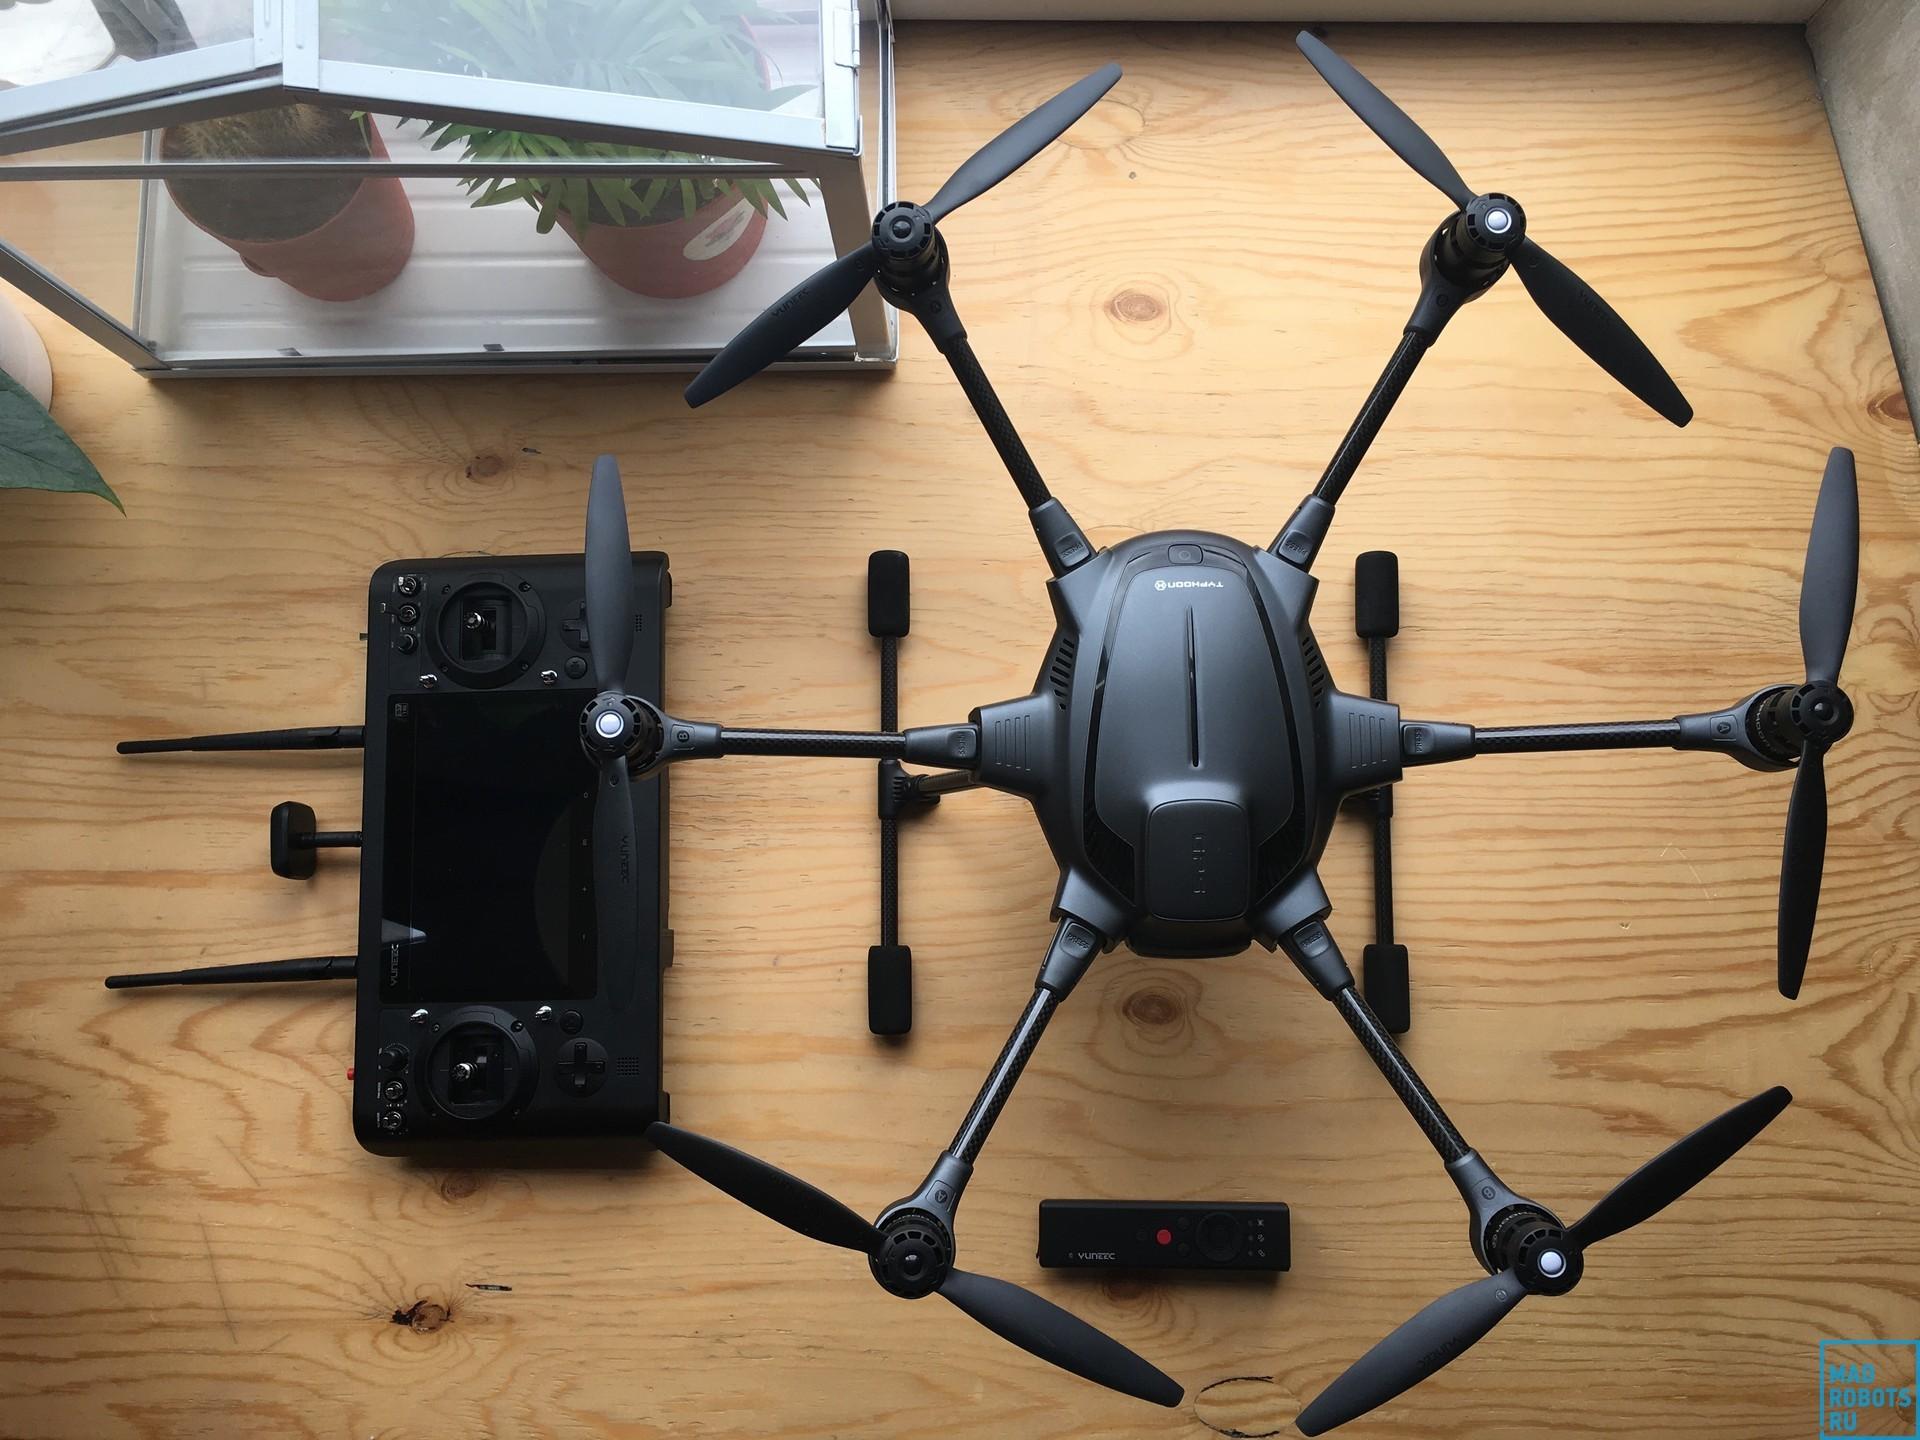 Гексакоптер Yuneec Typhoon H: профессиональный дрон с простым управлением - 2